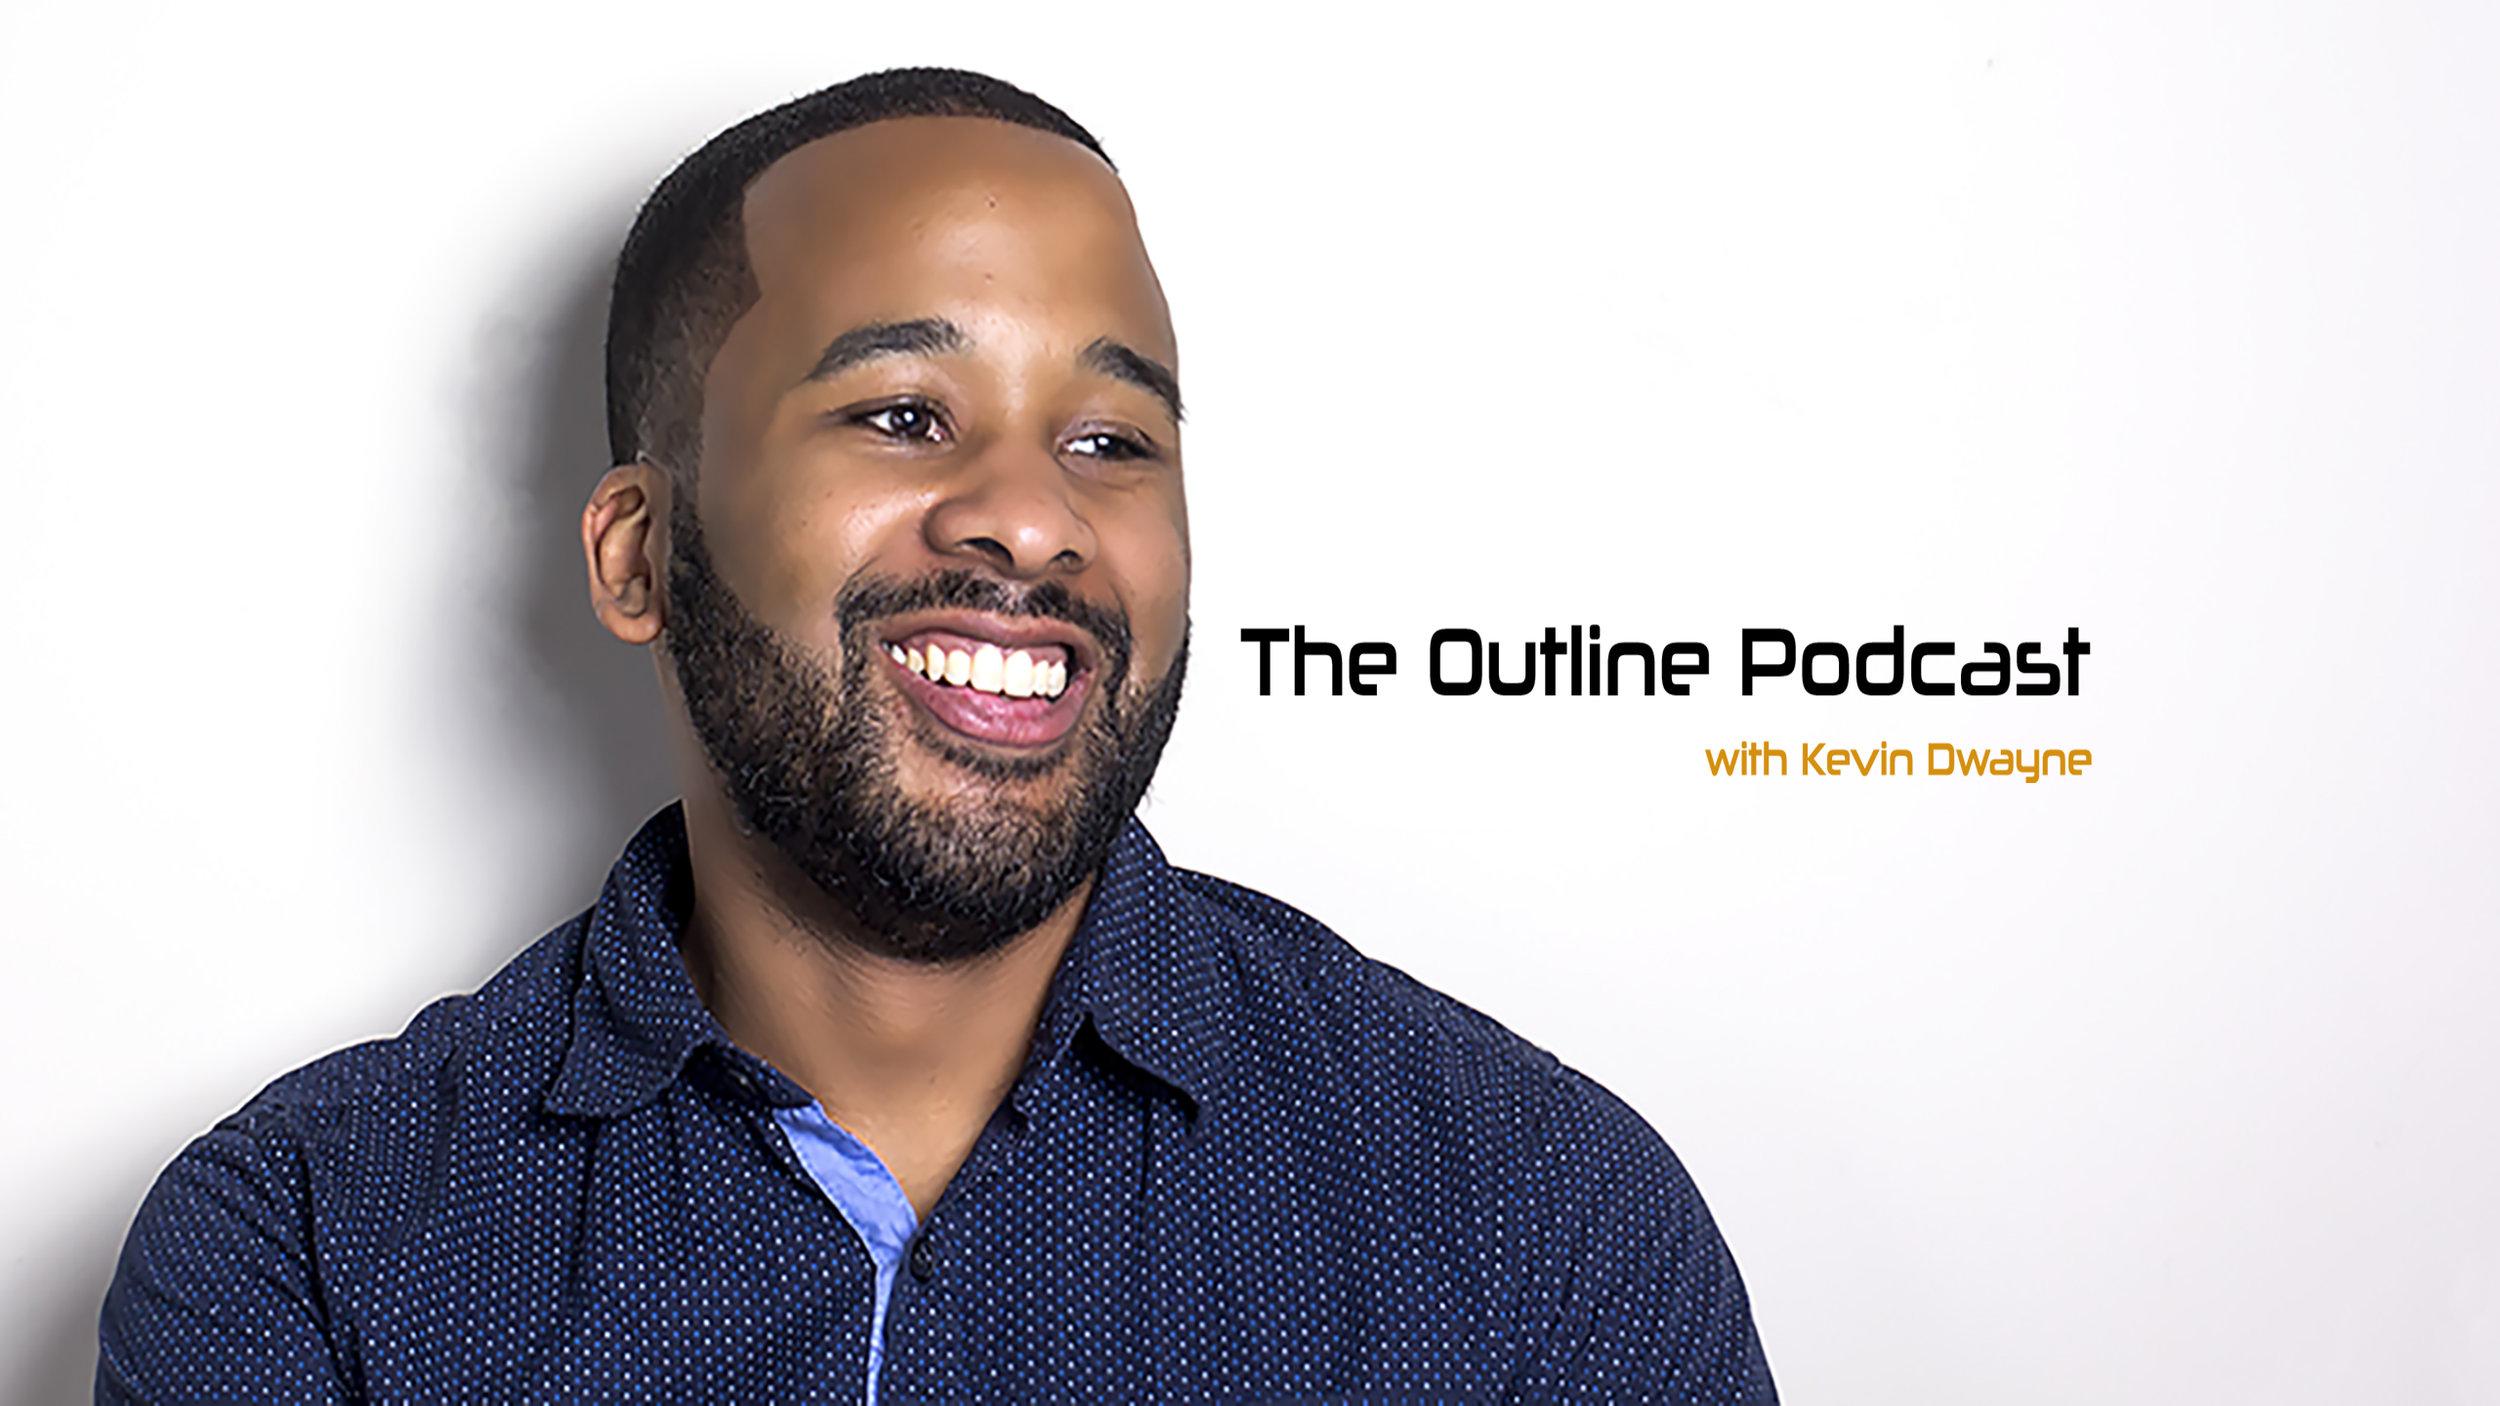 The Outline Podcast - Impactful Storytelling (ft. Tarik Daniels) - Episode 114